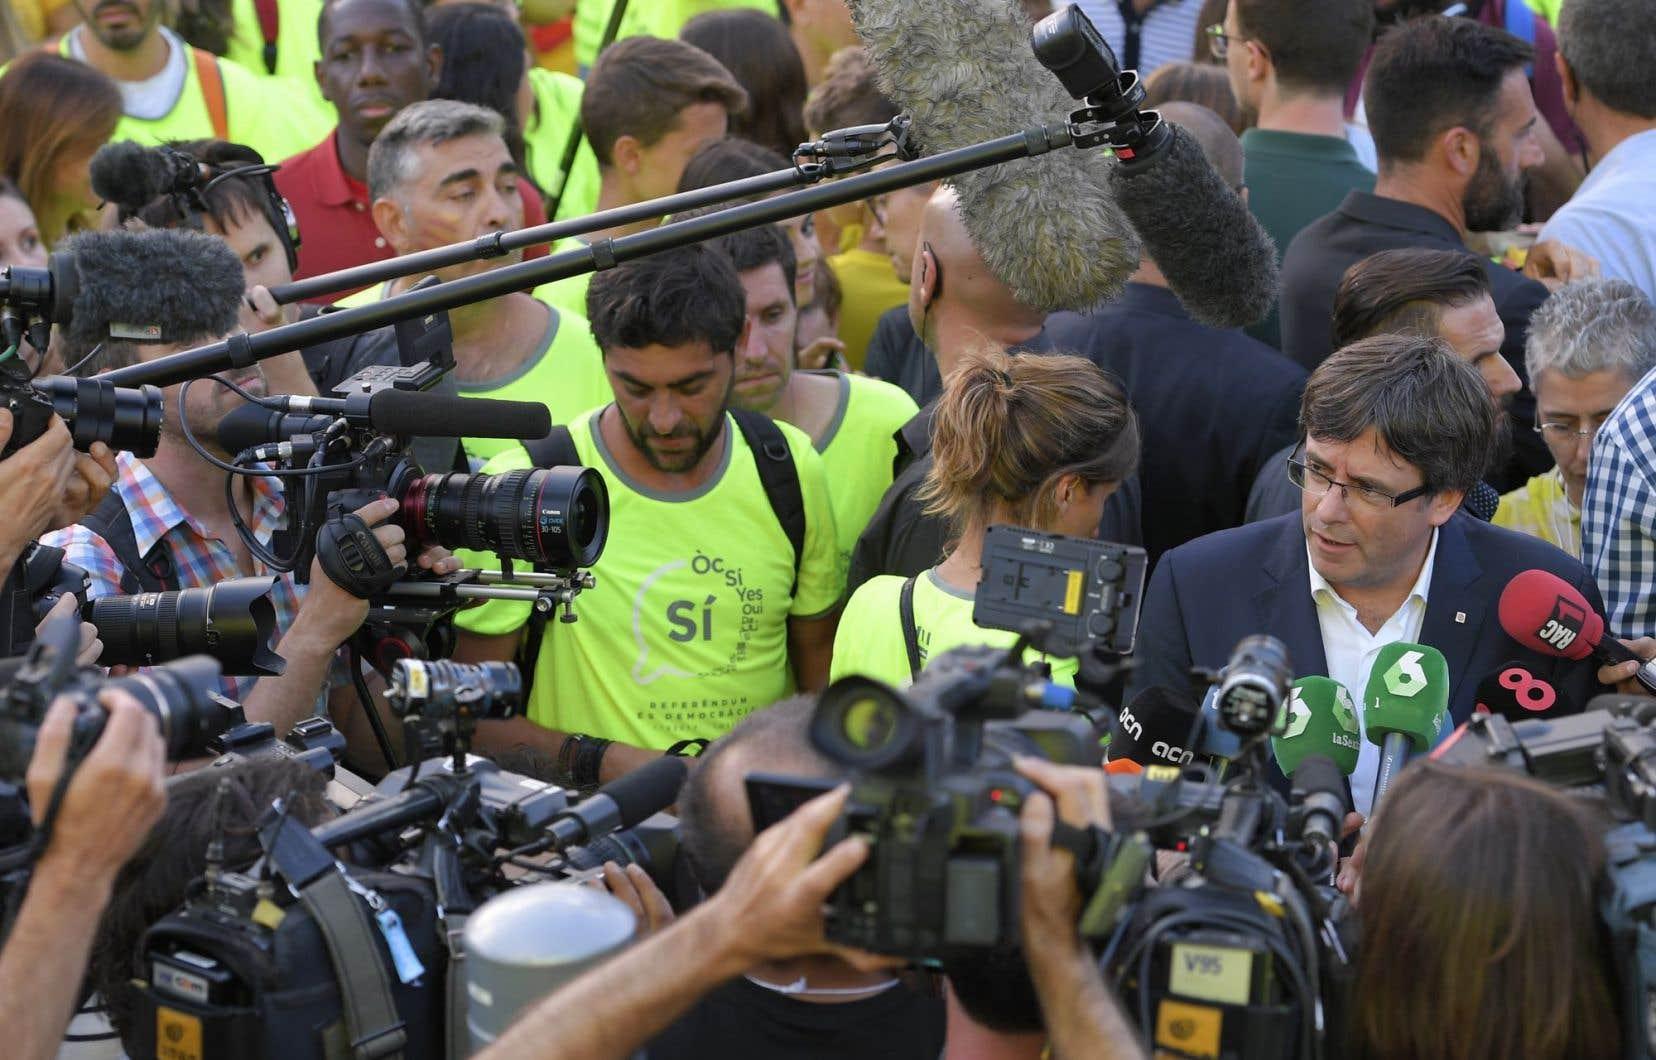 Carles Puigdemont a pour sa part demandé lors d'un entretien à la radio catalane Rac1 qu'on laisse les Mossos d'Esquadra «tranquilles».